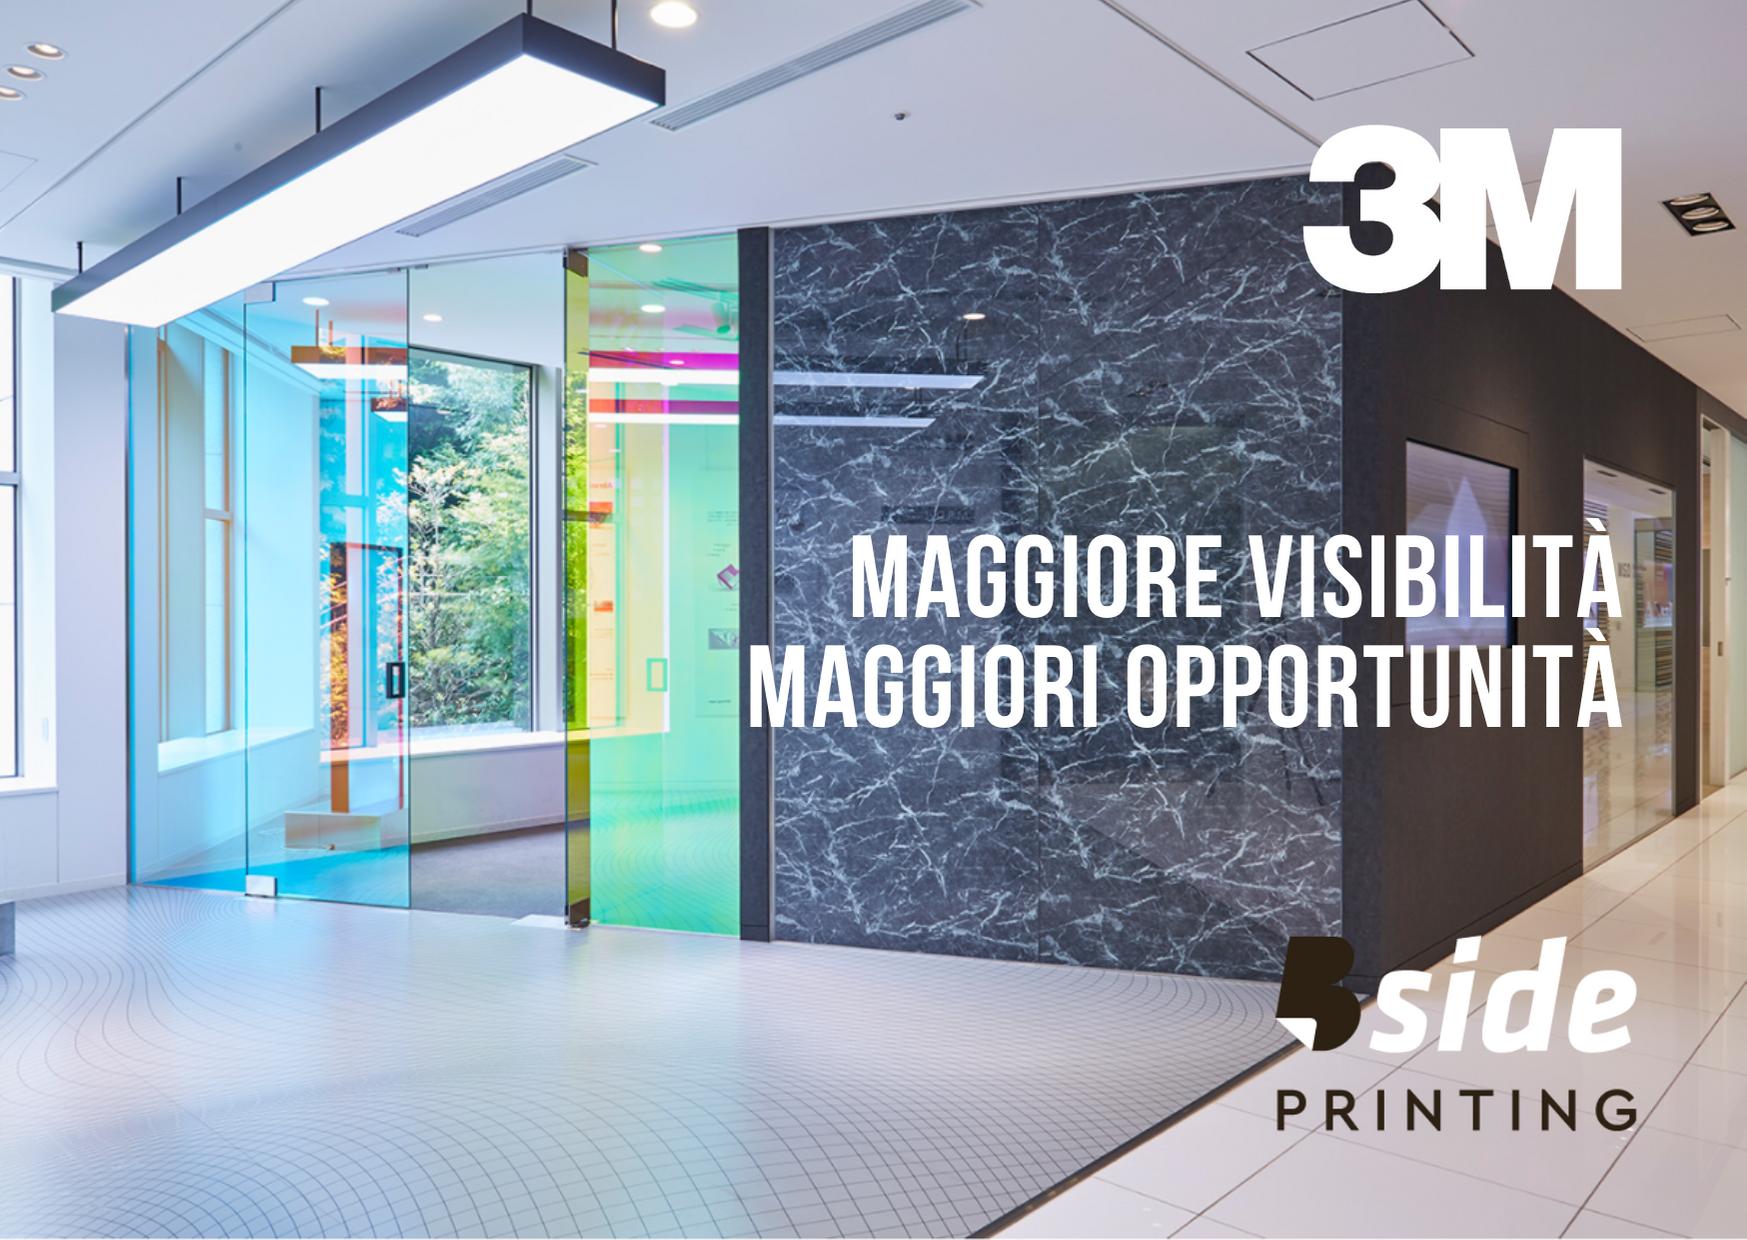 Bside Printing maggiore visibilità maggiori opportunità soluzioni gestione luce Commercial graphics rivestimenti vetrate vetrine vetri finestre arredi interni interior design